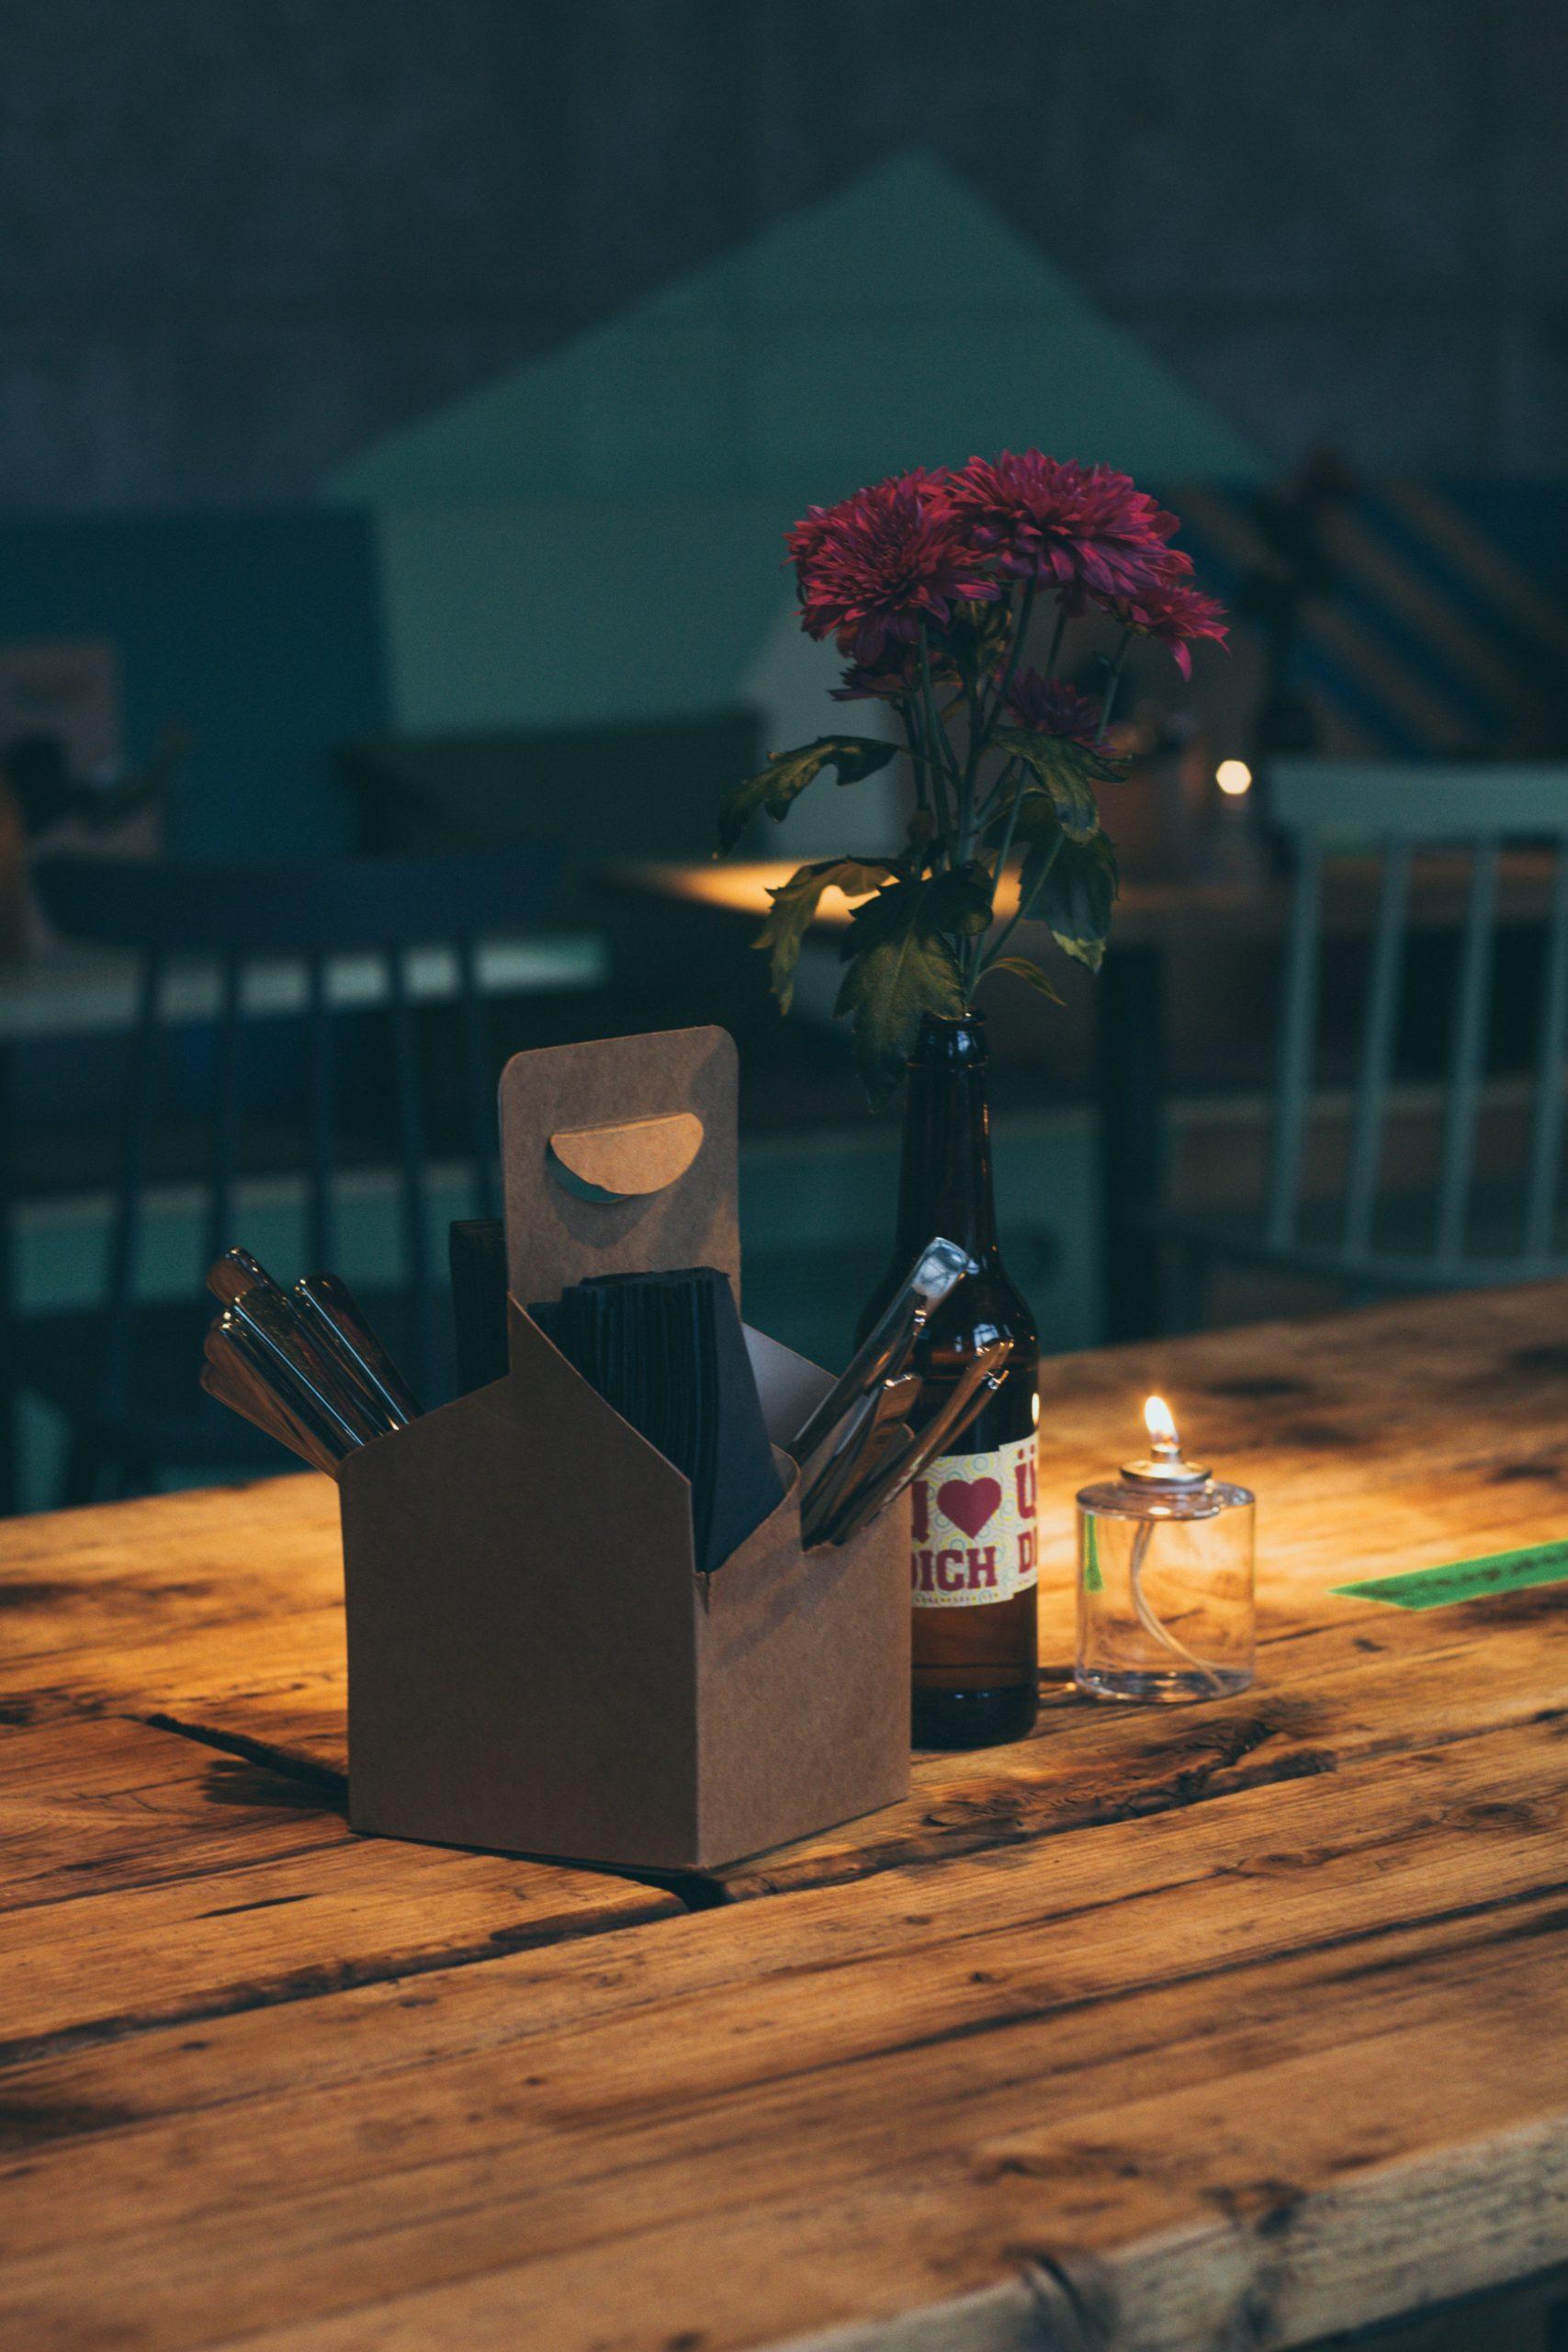 couvert dans une boîte en carton, avec une bouteille servant de vase sur une table en bois